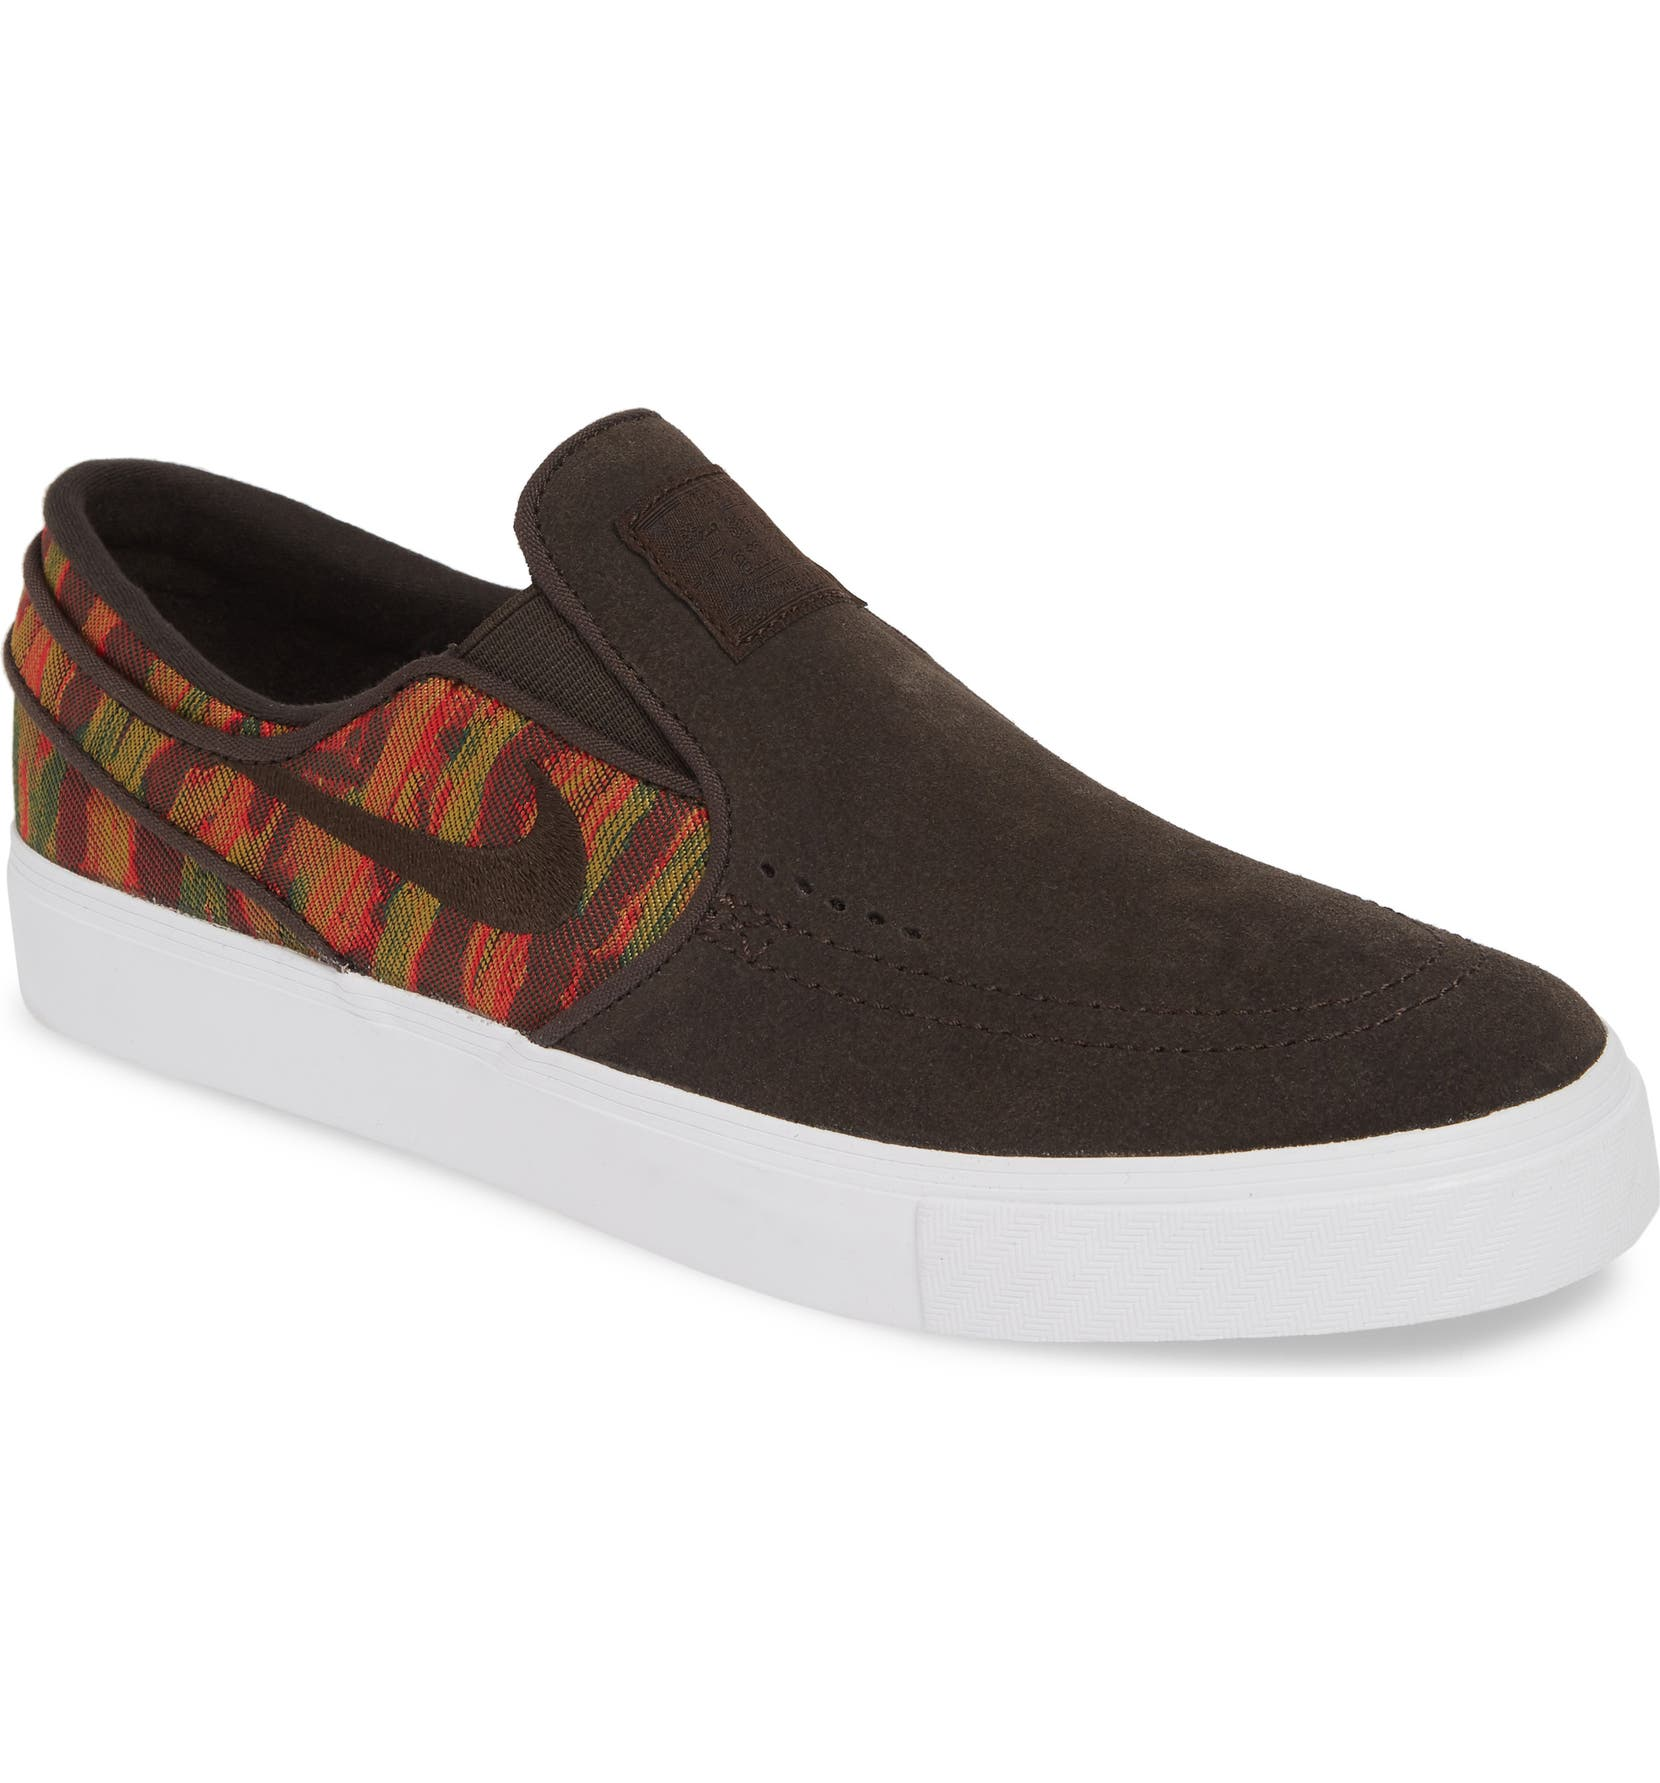 f1eeaa7d3ba Nike  SB Zoom Stefan Janoski  Slip-On Premium Sneaker (Men)